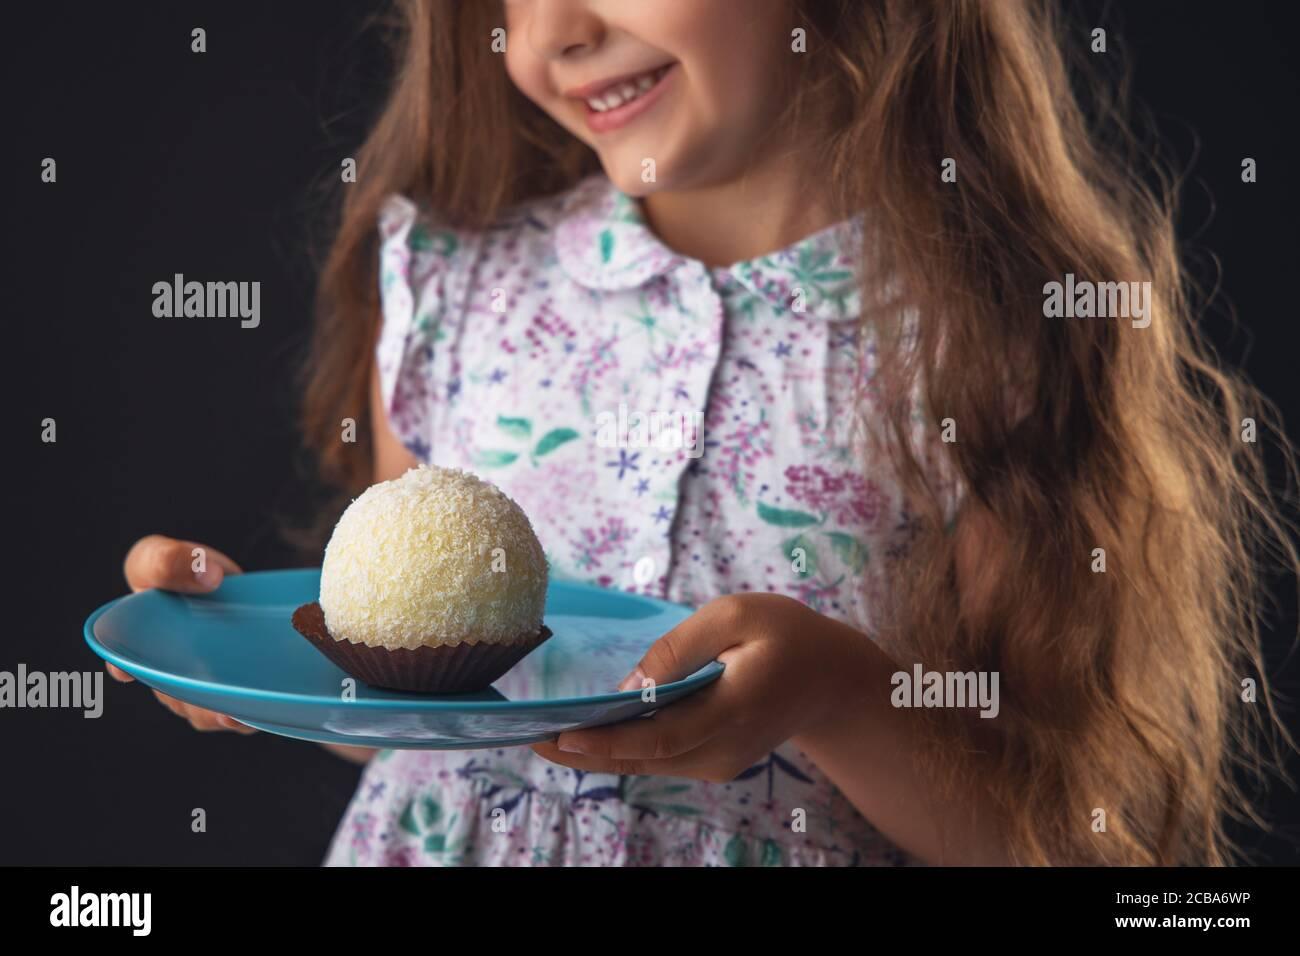 Bella bambina sorpresa da una caramella di cocco al cioccolato grande gustosa come una palla. Capretto pronto a mangiare la torta. Foto Stock